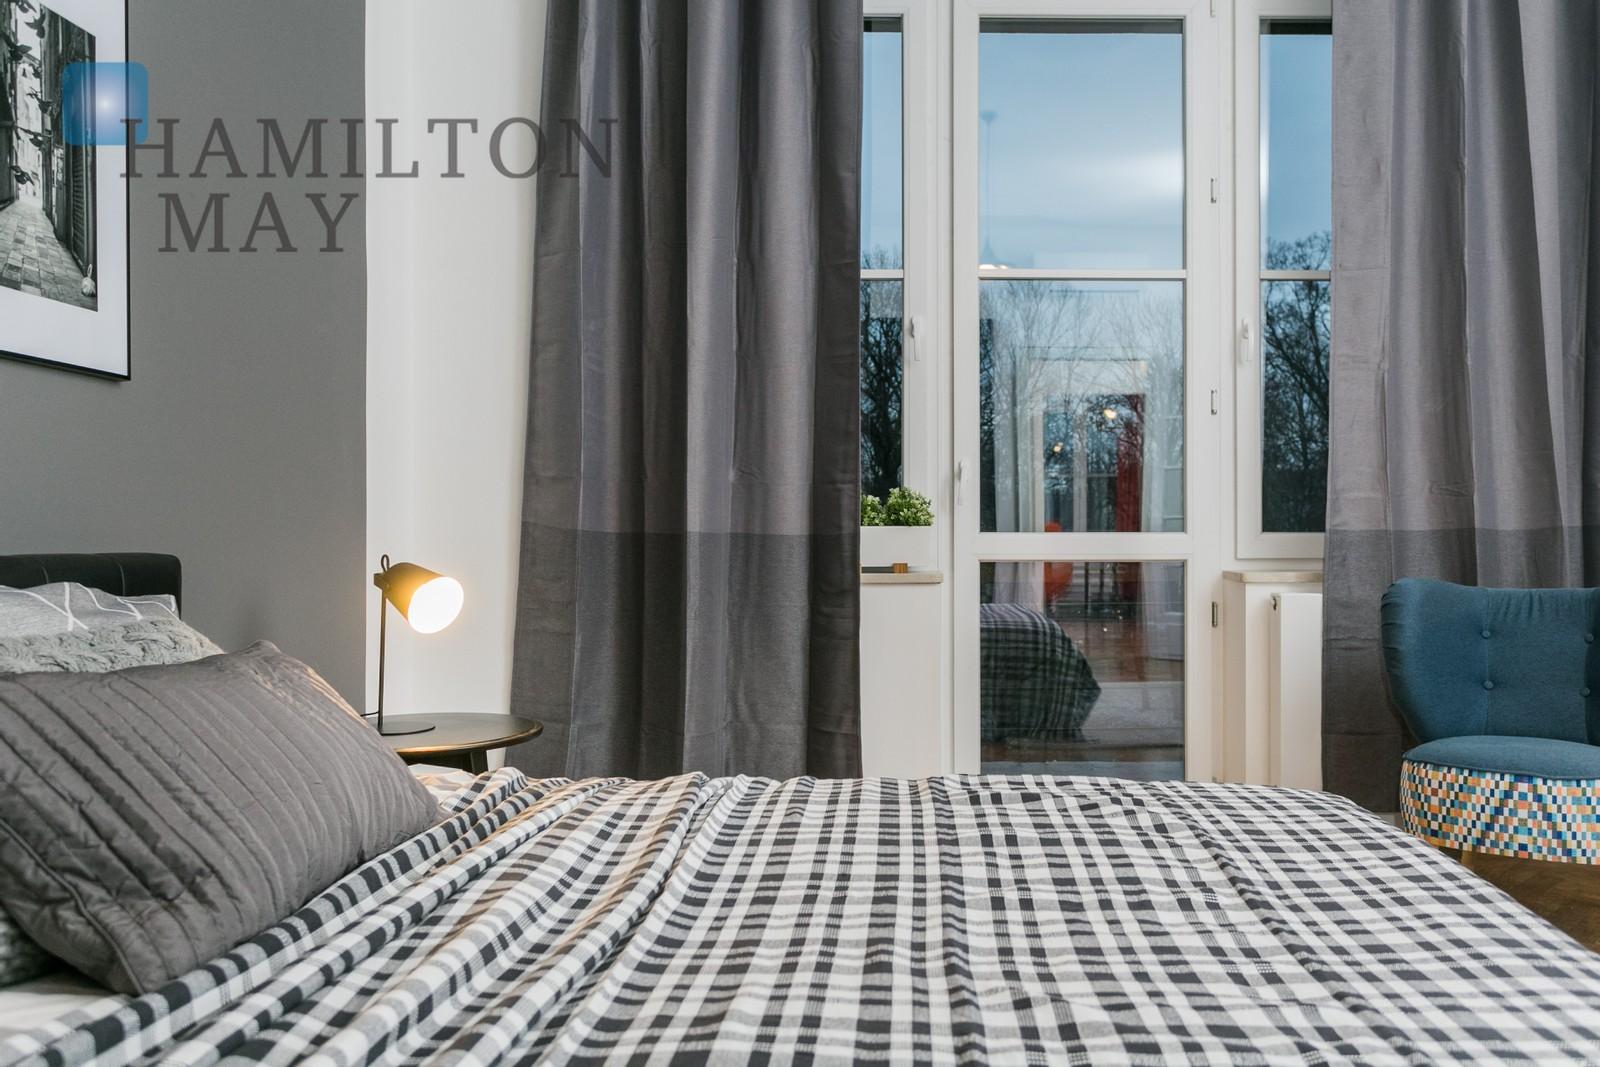 Stylish and modern 2 bedroom apartment with views of the Park Krakowski on Szymanowskiego street Krakow for rent